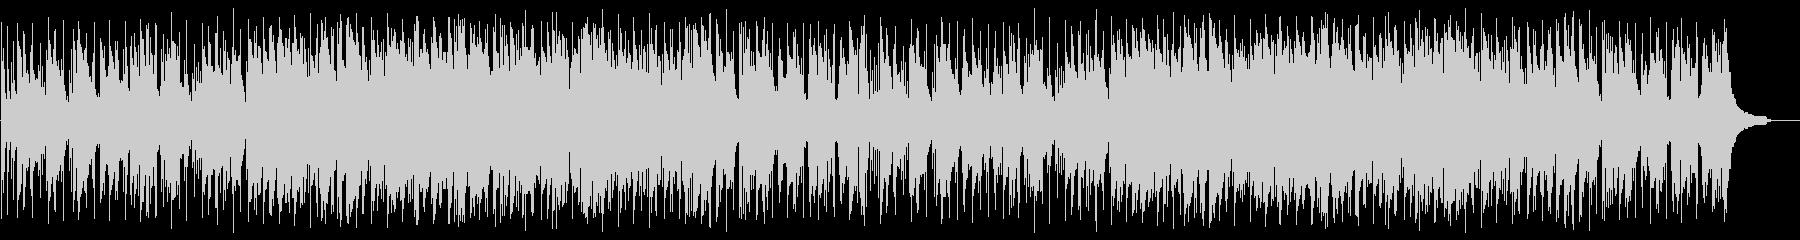 しっとりとしたバラード調の曲の未再生の波形